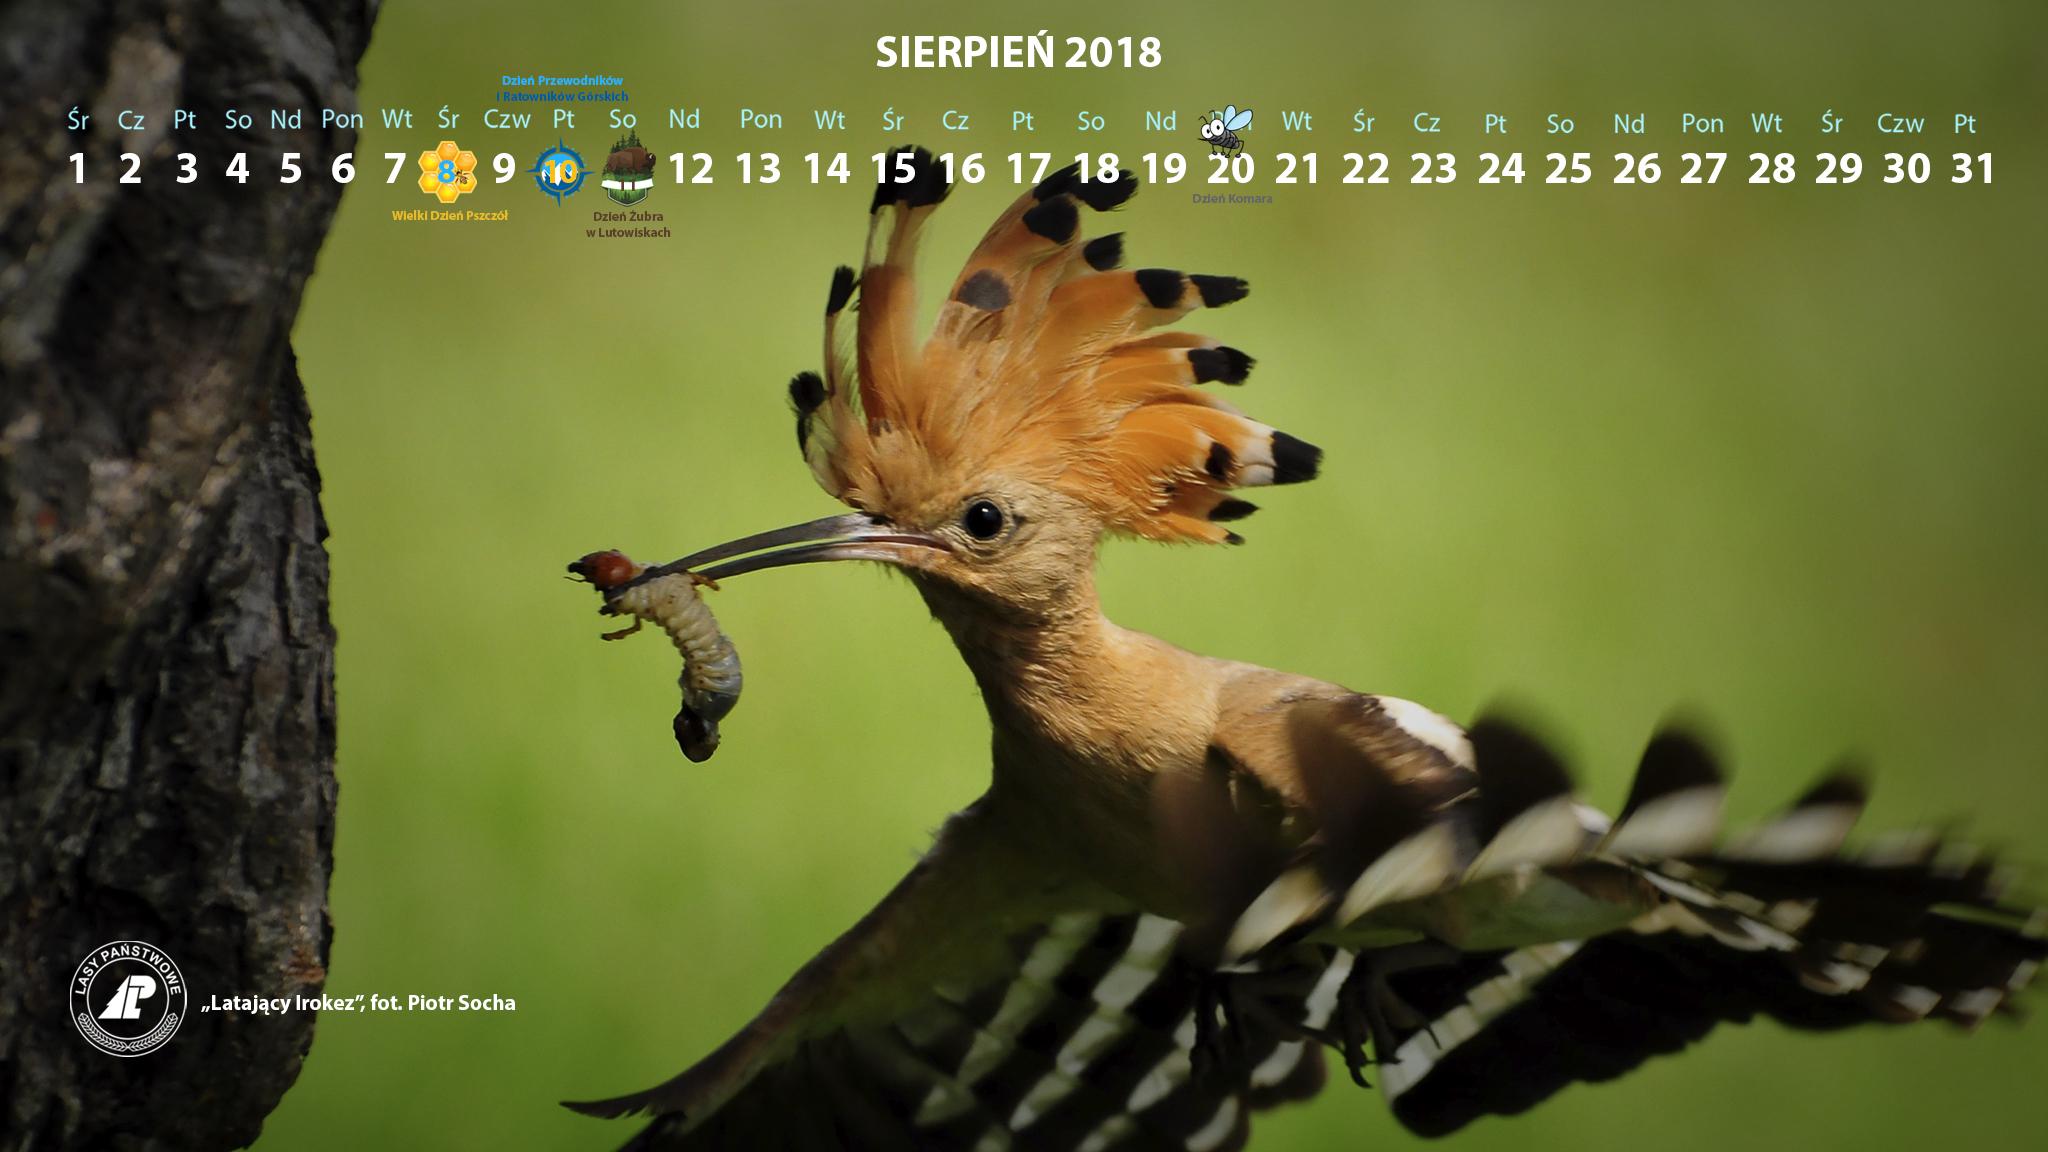 Kalendarz sierpień 2018 2048x1152.jpg